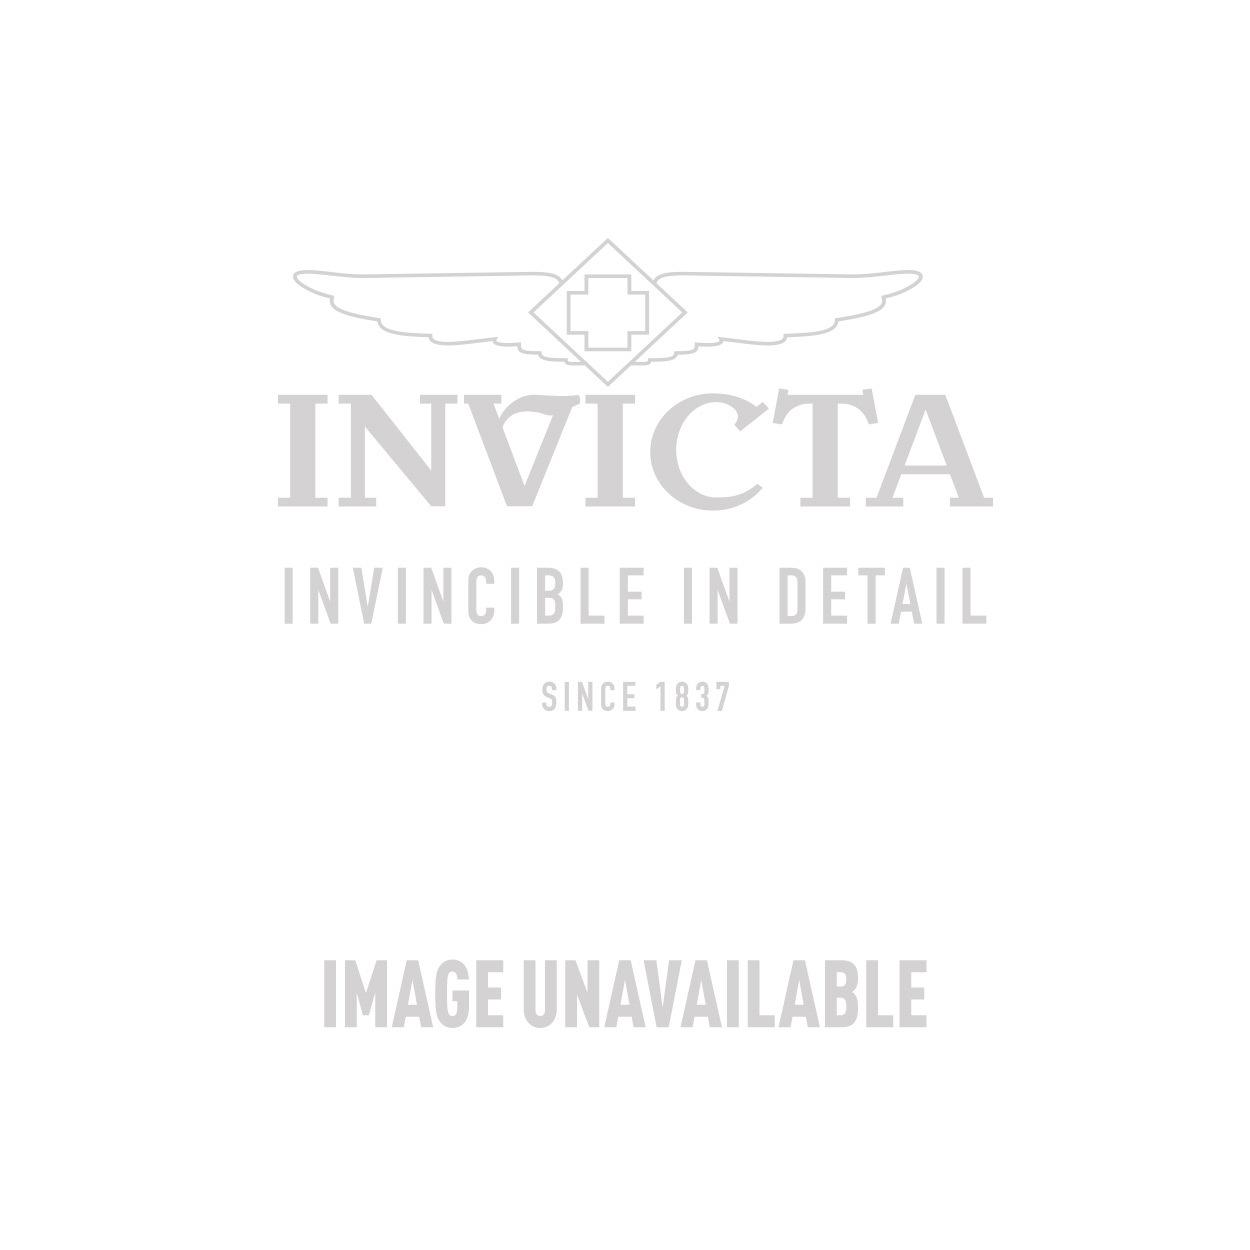 Invicta Model 22682